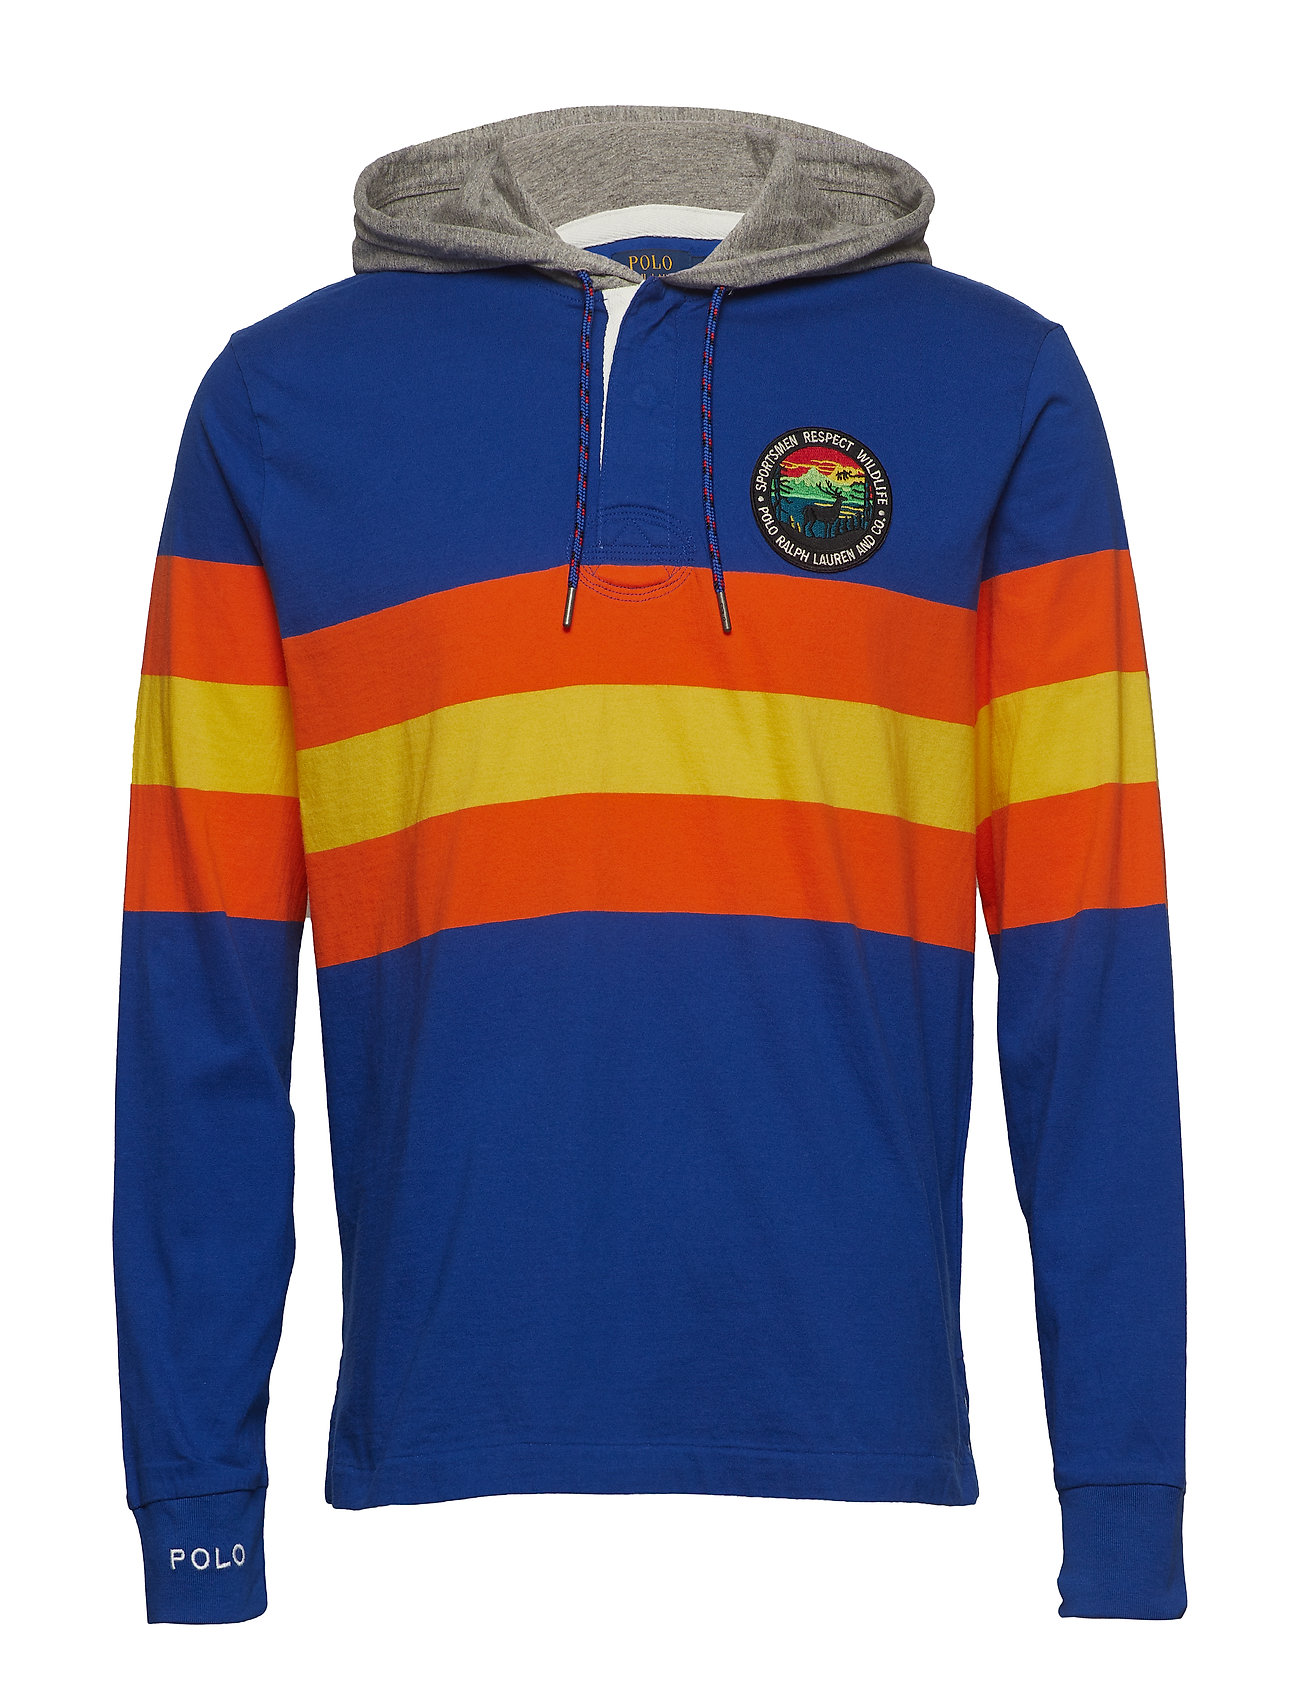 Polo Ralph Lauren Sportsmen's Fleece Sweatshirt